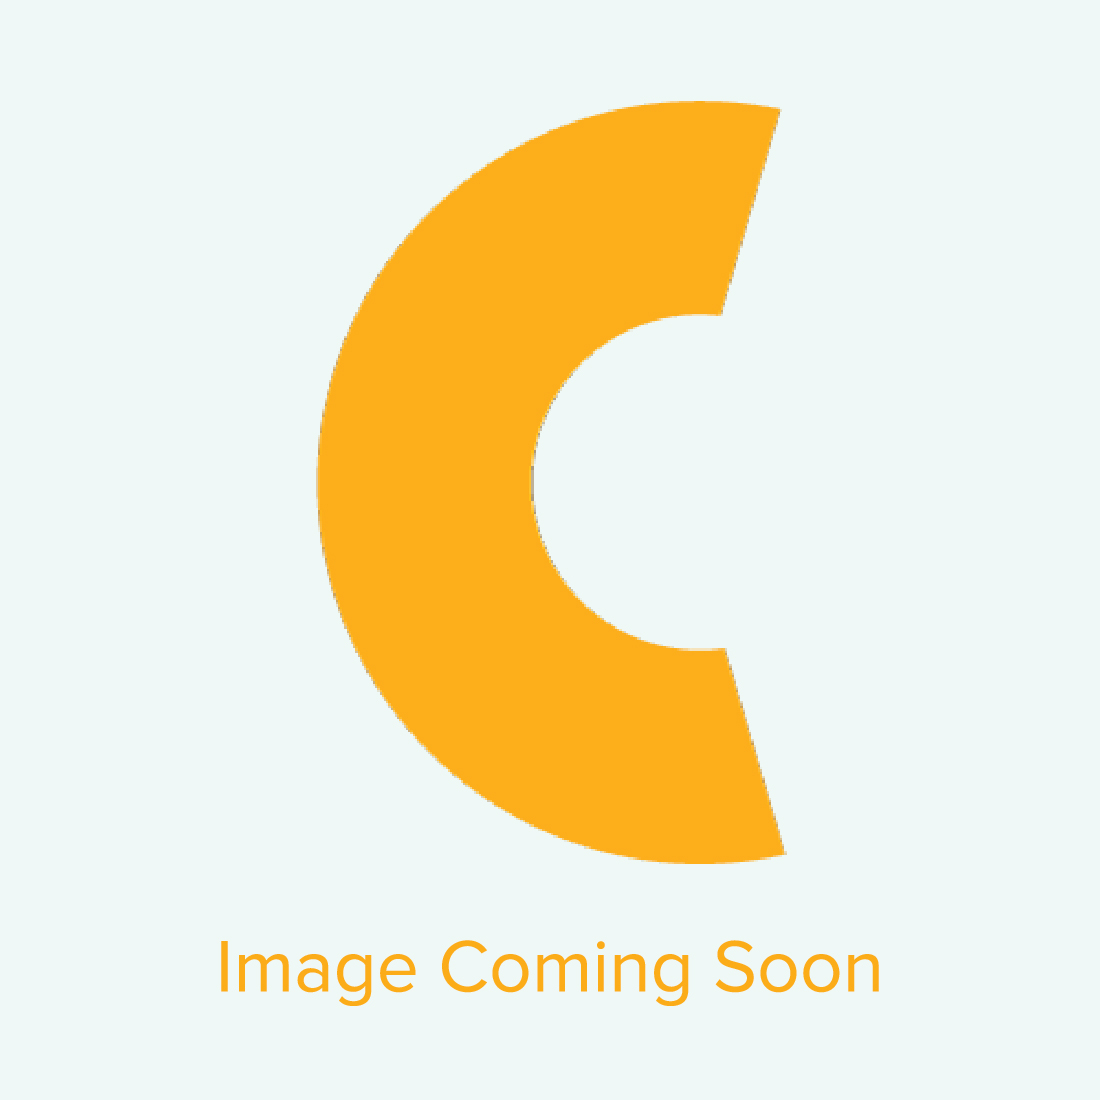 ChromaLuxe Framing System for ChromaLuxe Photo Panel